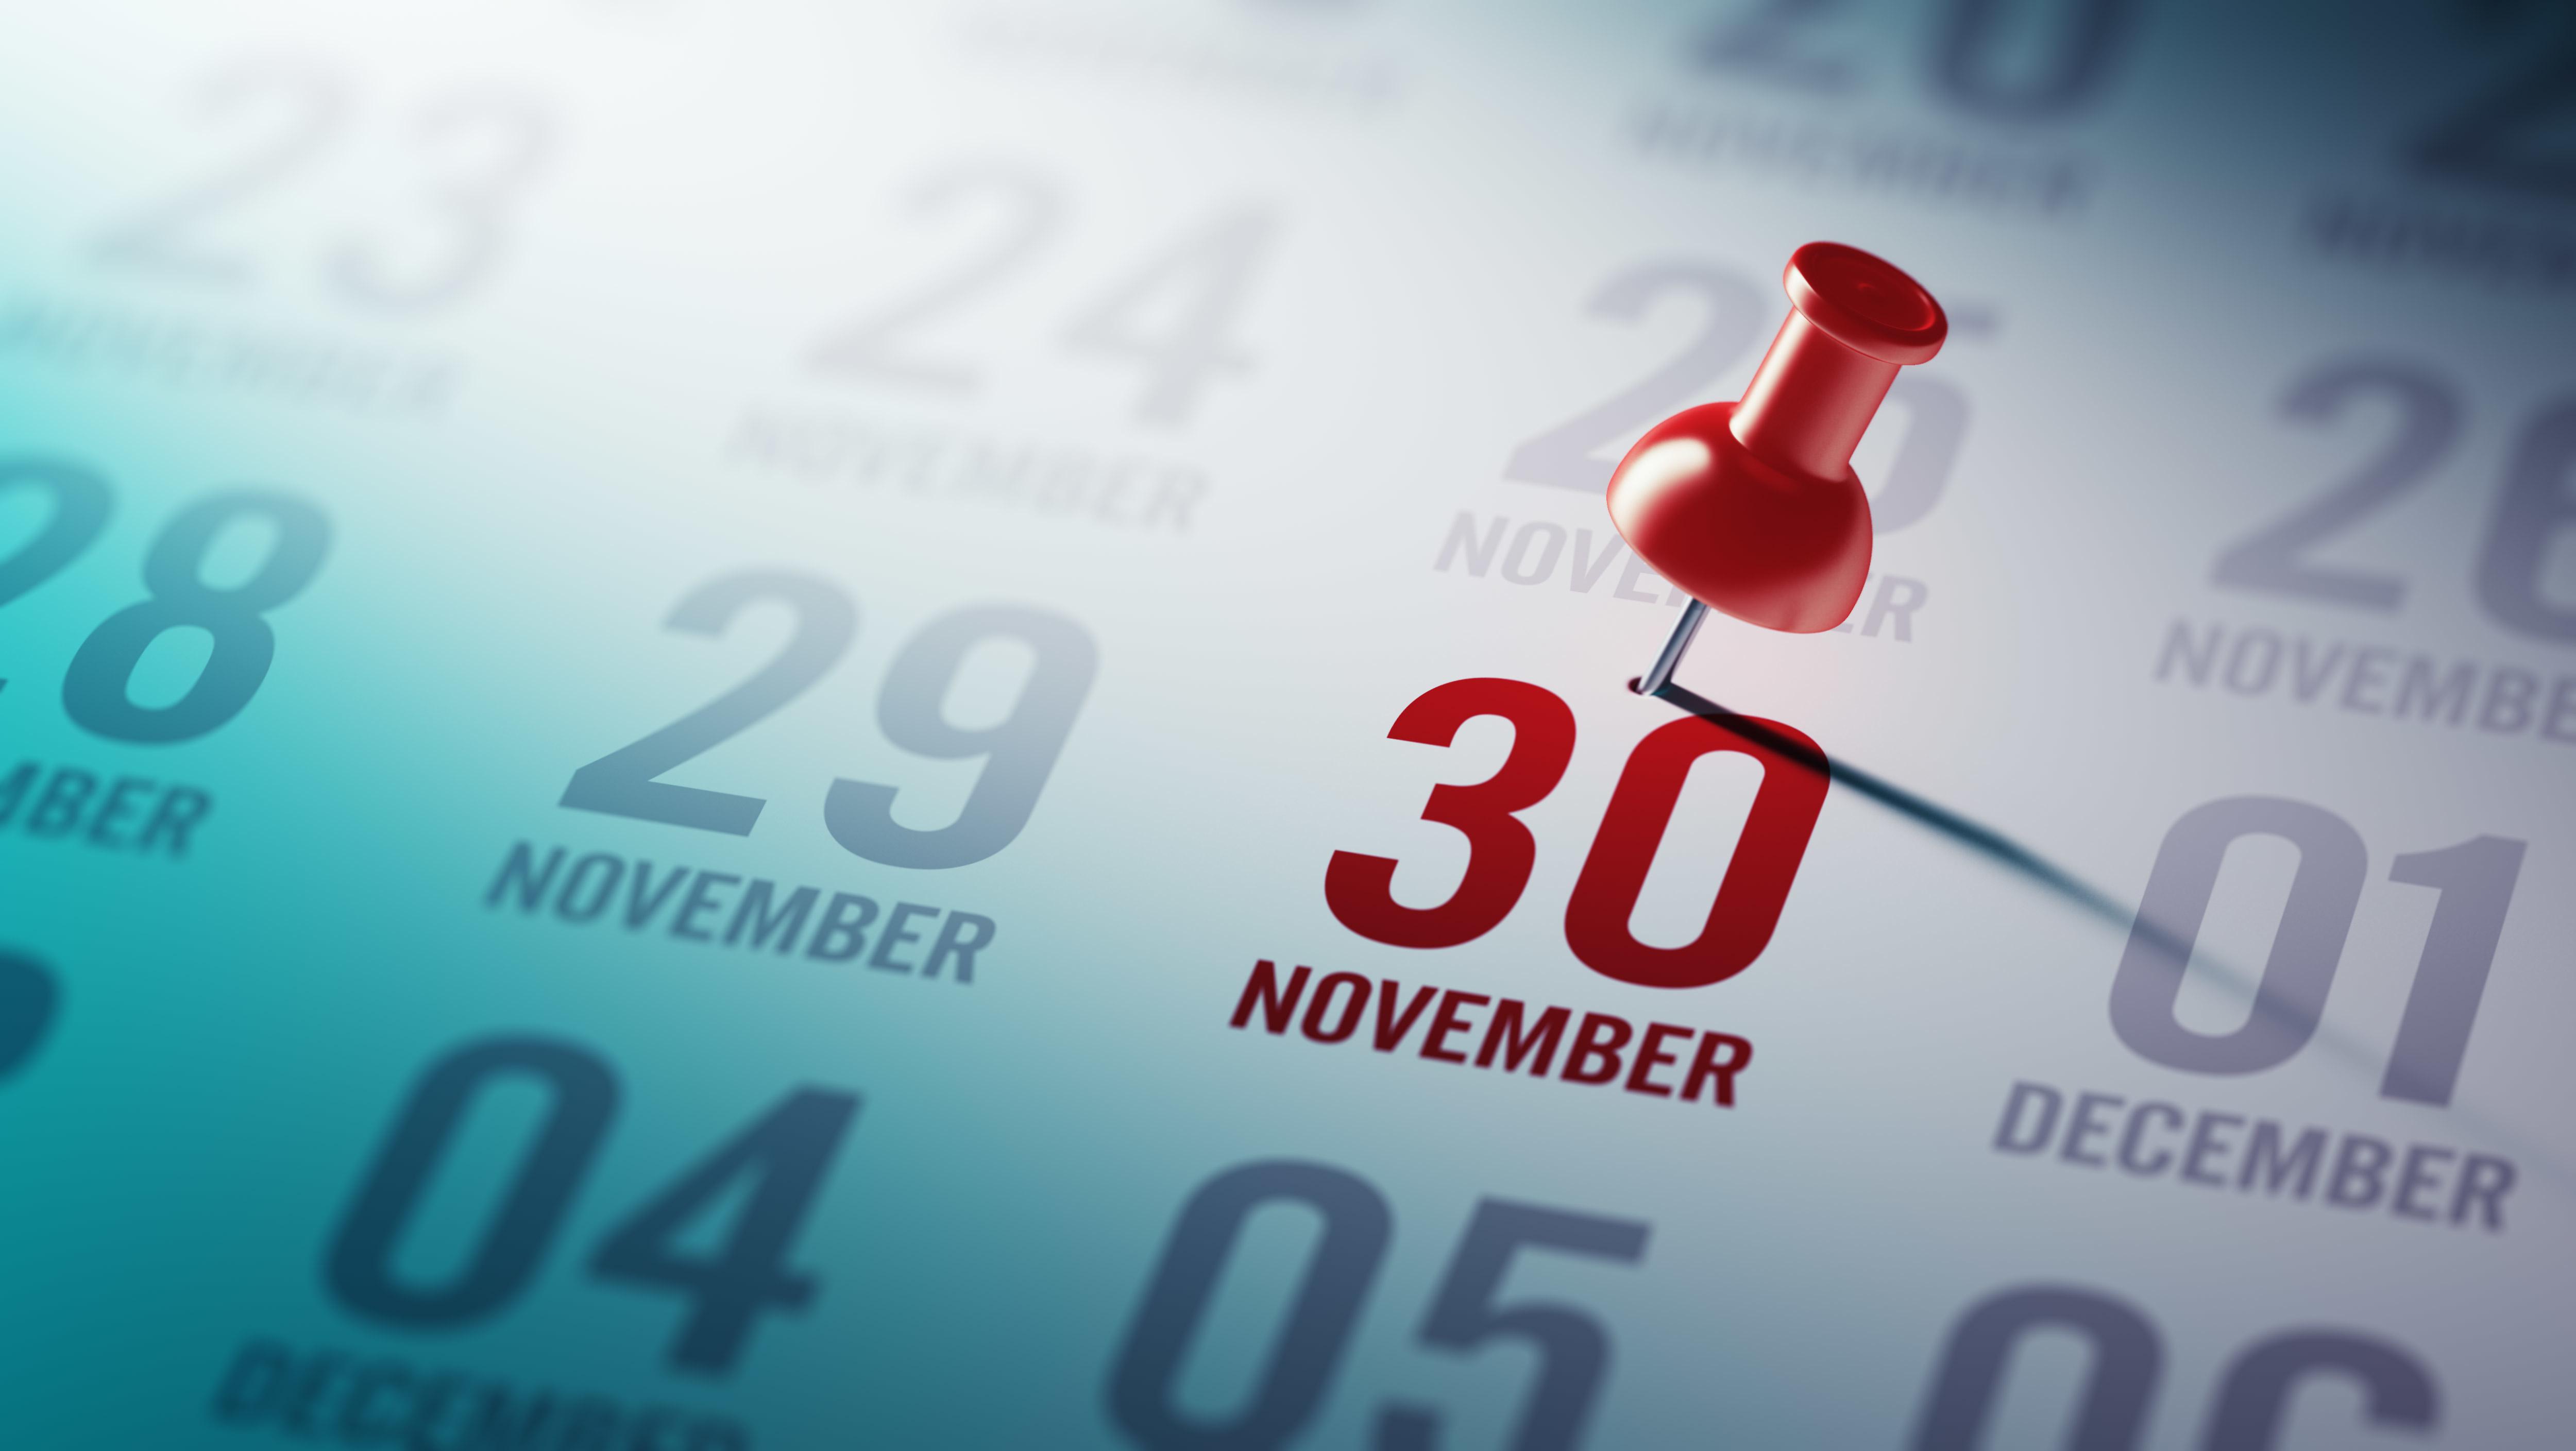 El plazo de entrega de propuestas de Trabajo de Fin de Máster para 2018/2019 finaliza el viernes 30 de noviembre de 2018